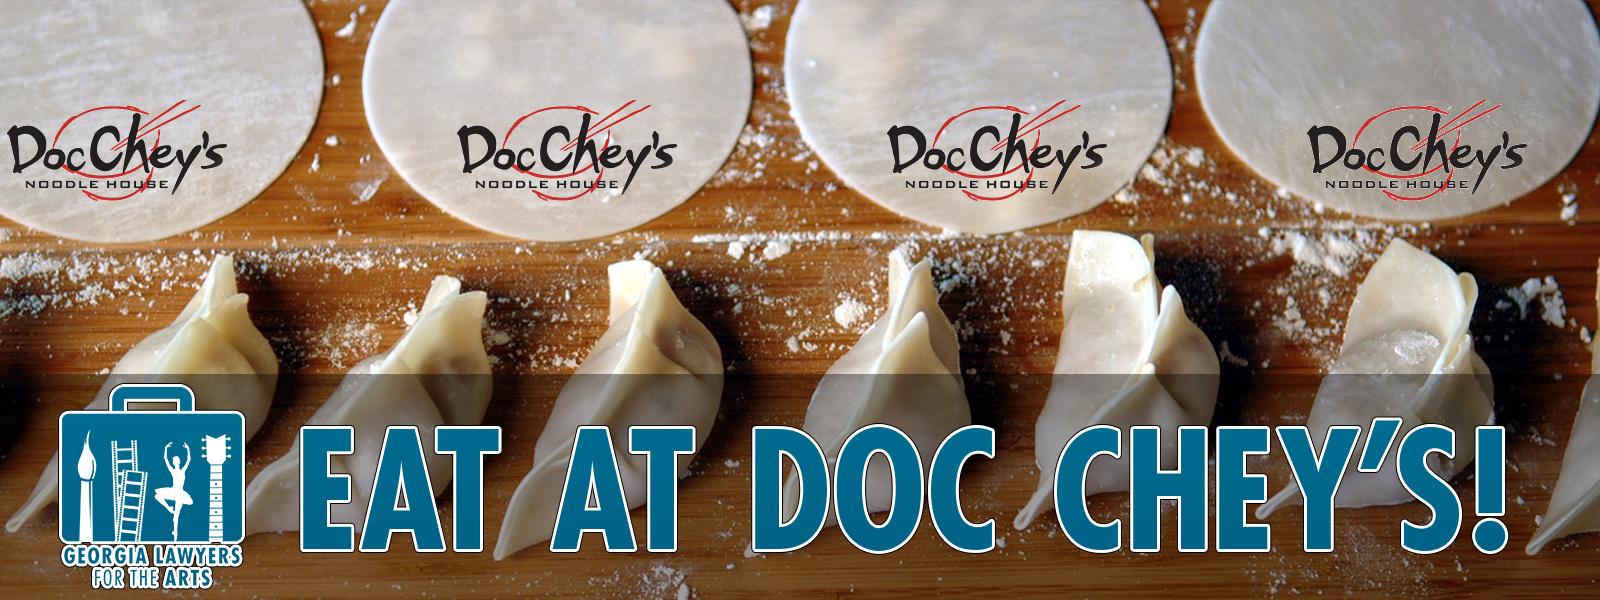 Doc Chey's